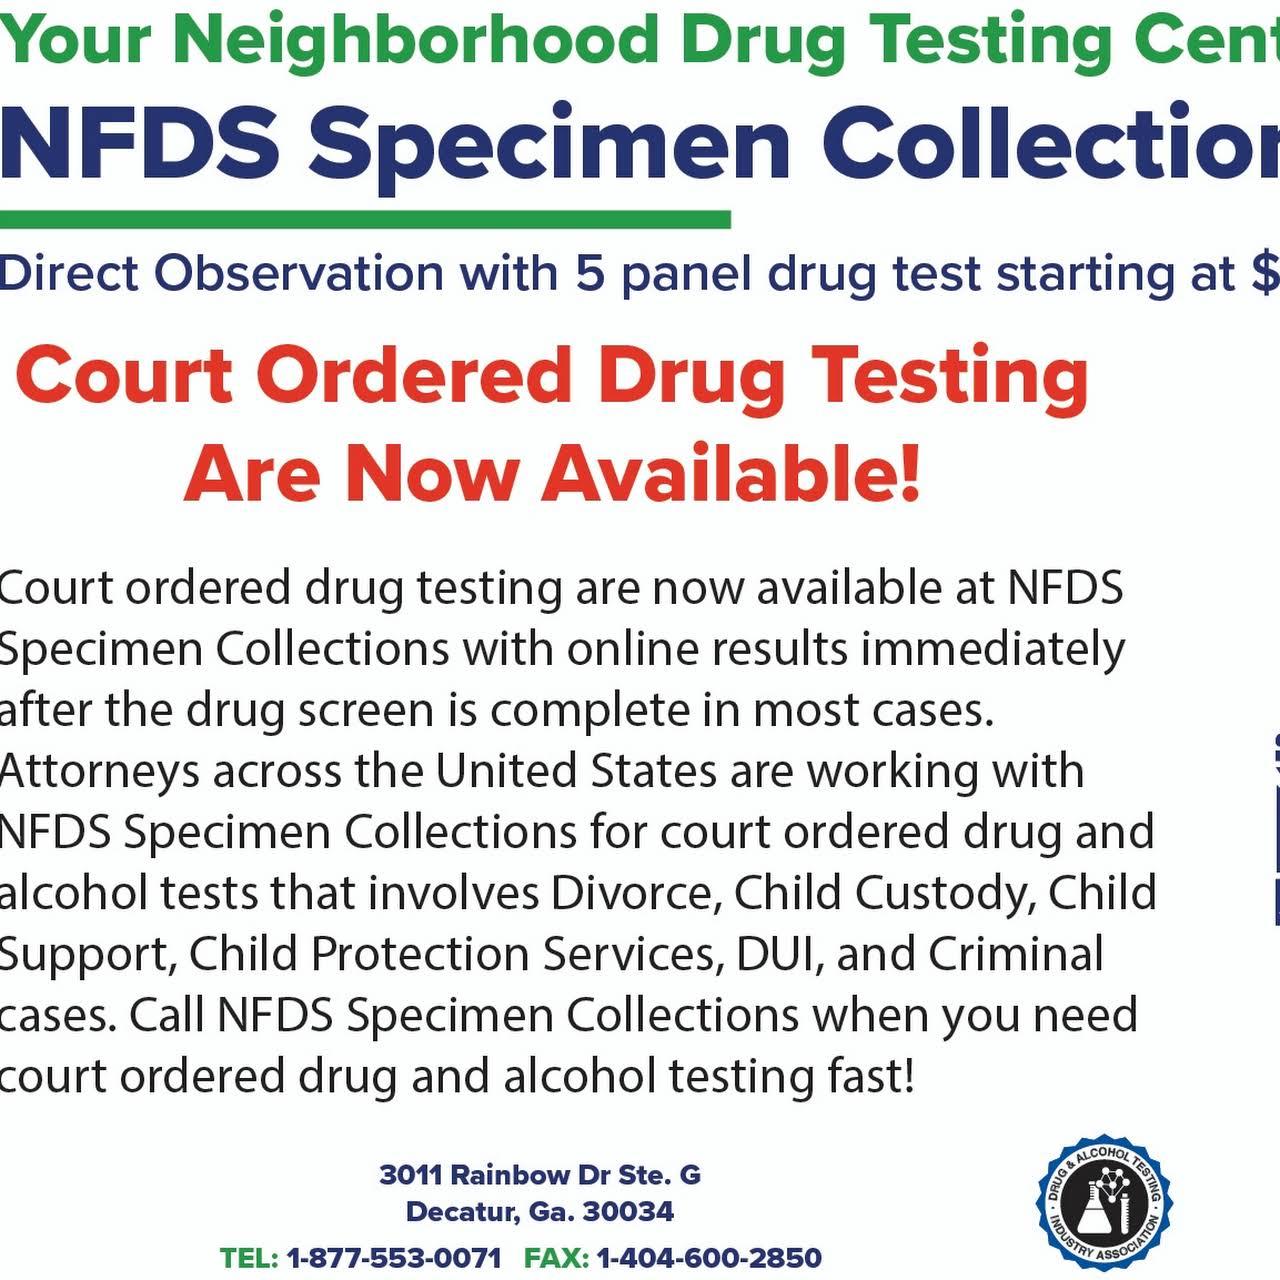 NFDS SPECIMEN COLLECT - Quest Diagnostics, LabCorp, Escreen, Court